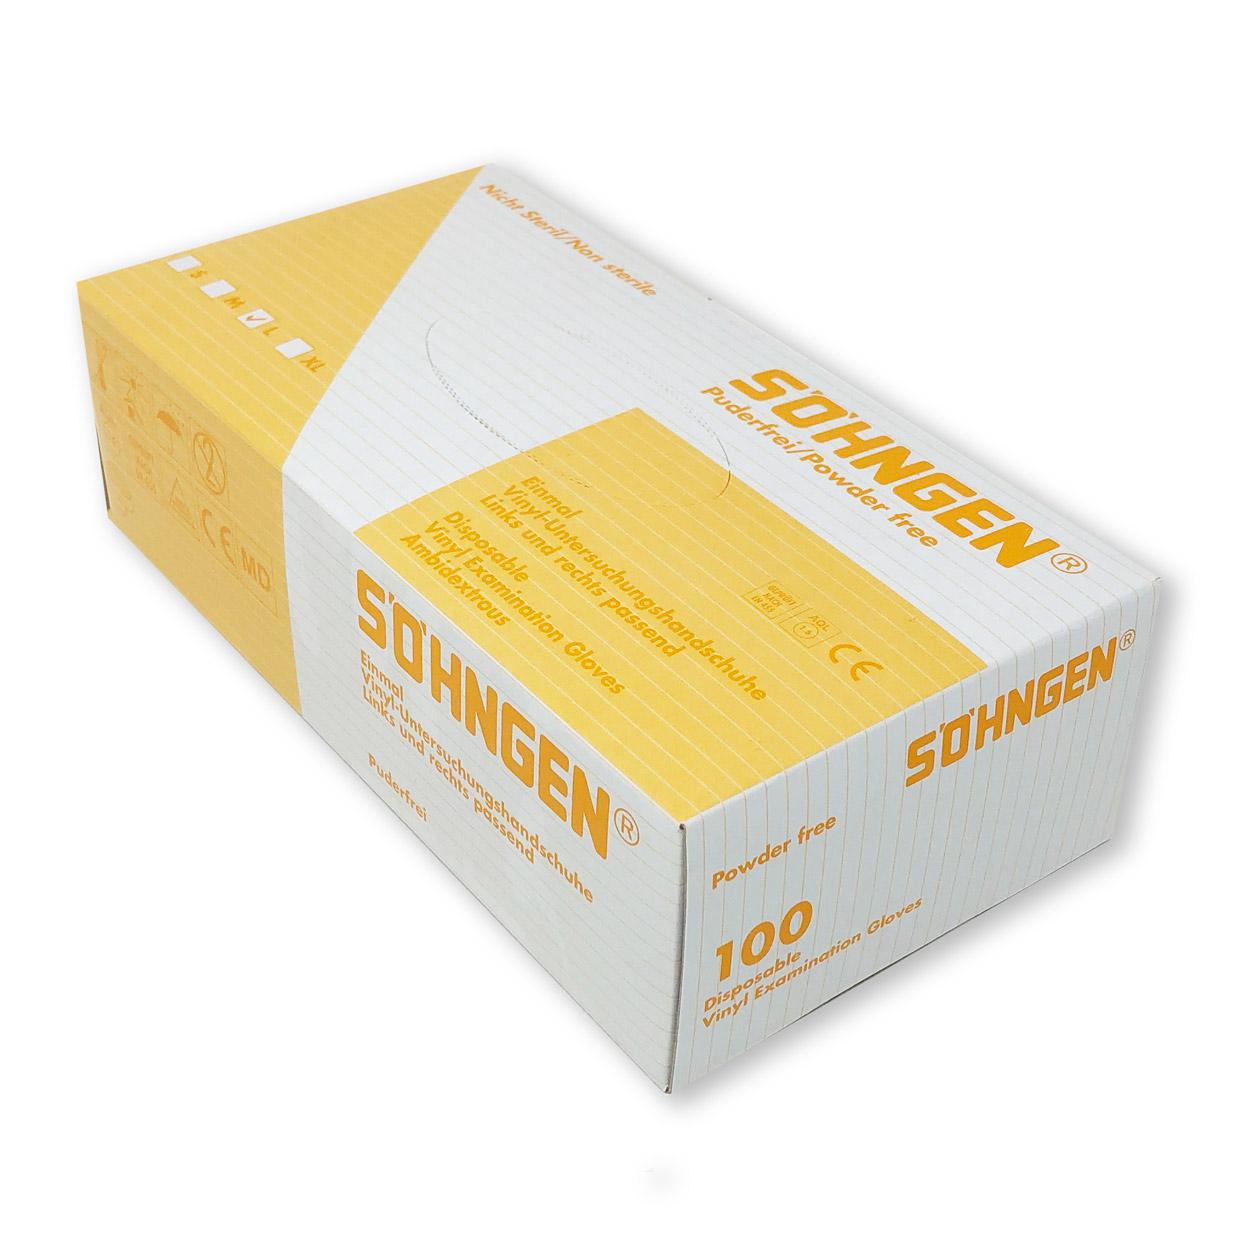 Söhngen® Schutzhandschuhe, Packung á 100 Stk.